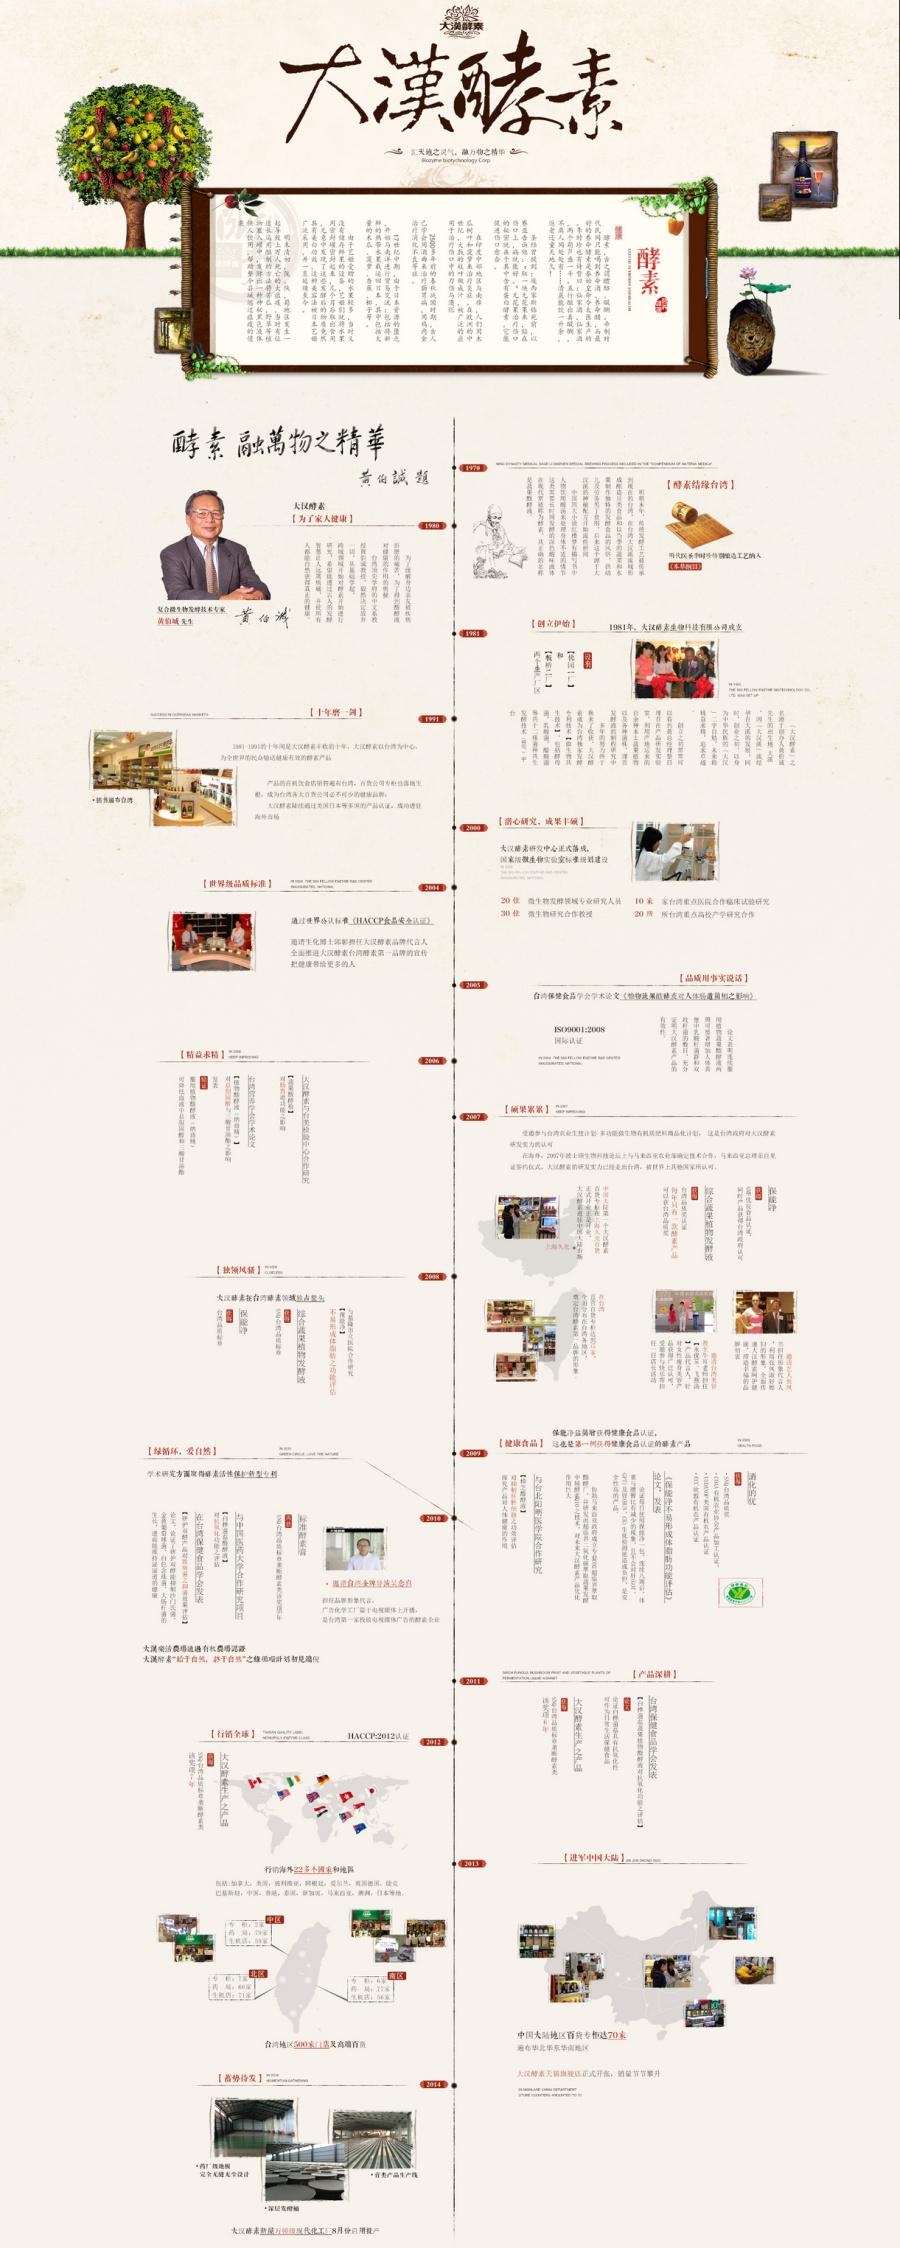 保健品 大汉酵素品牌故事 中国风 古风 文化底蕴